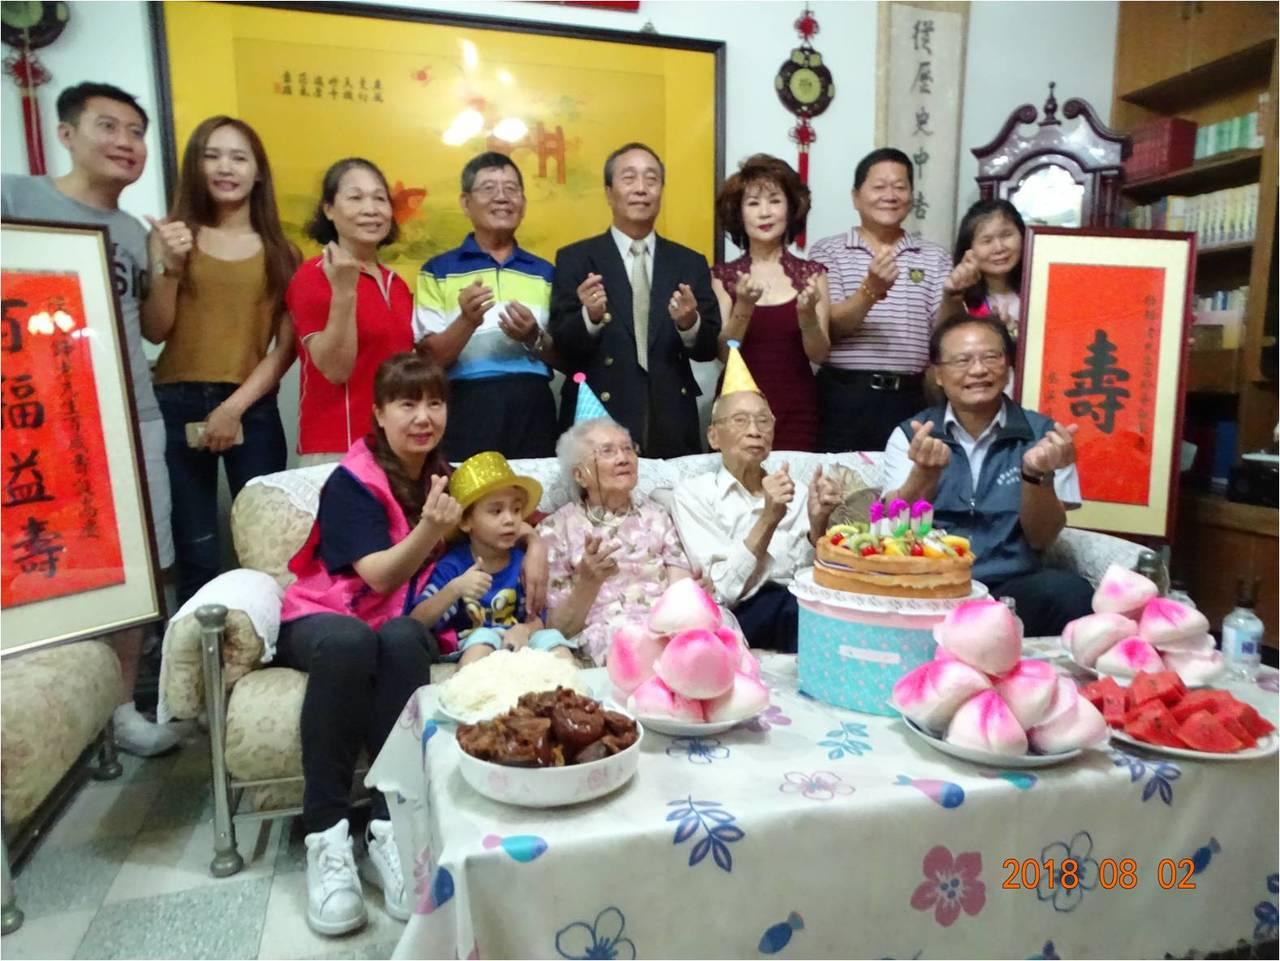 榮民服務處為百歲榮民陳仕鋒(前排右2)慶生。圖/桃園市榮民服務處提供